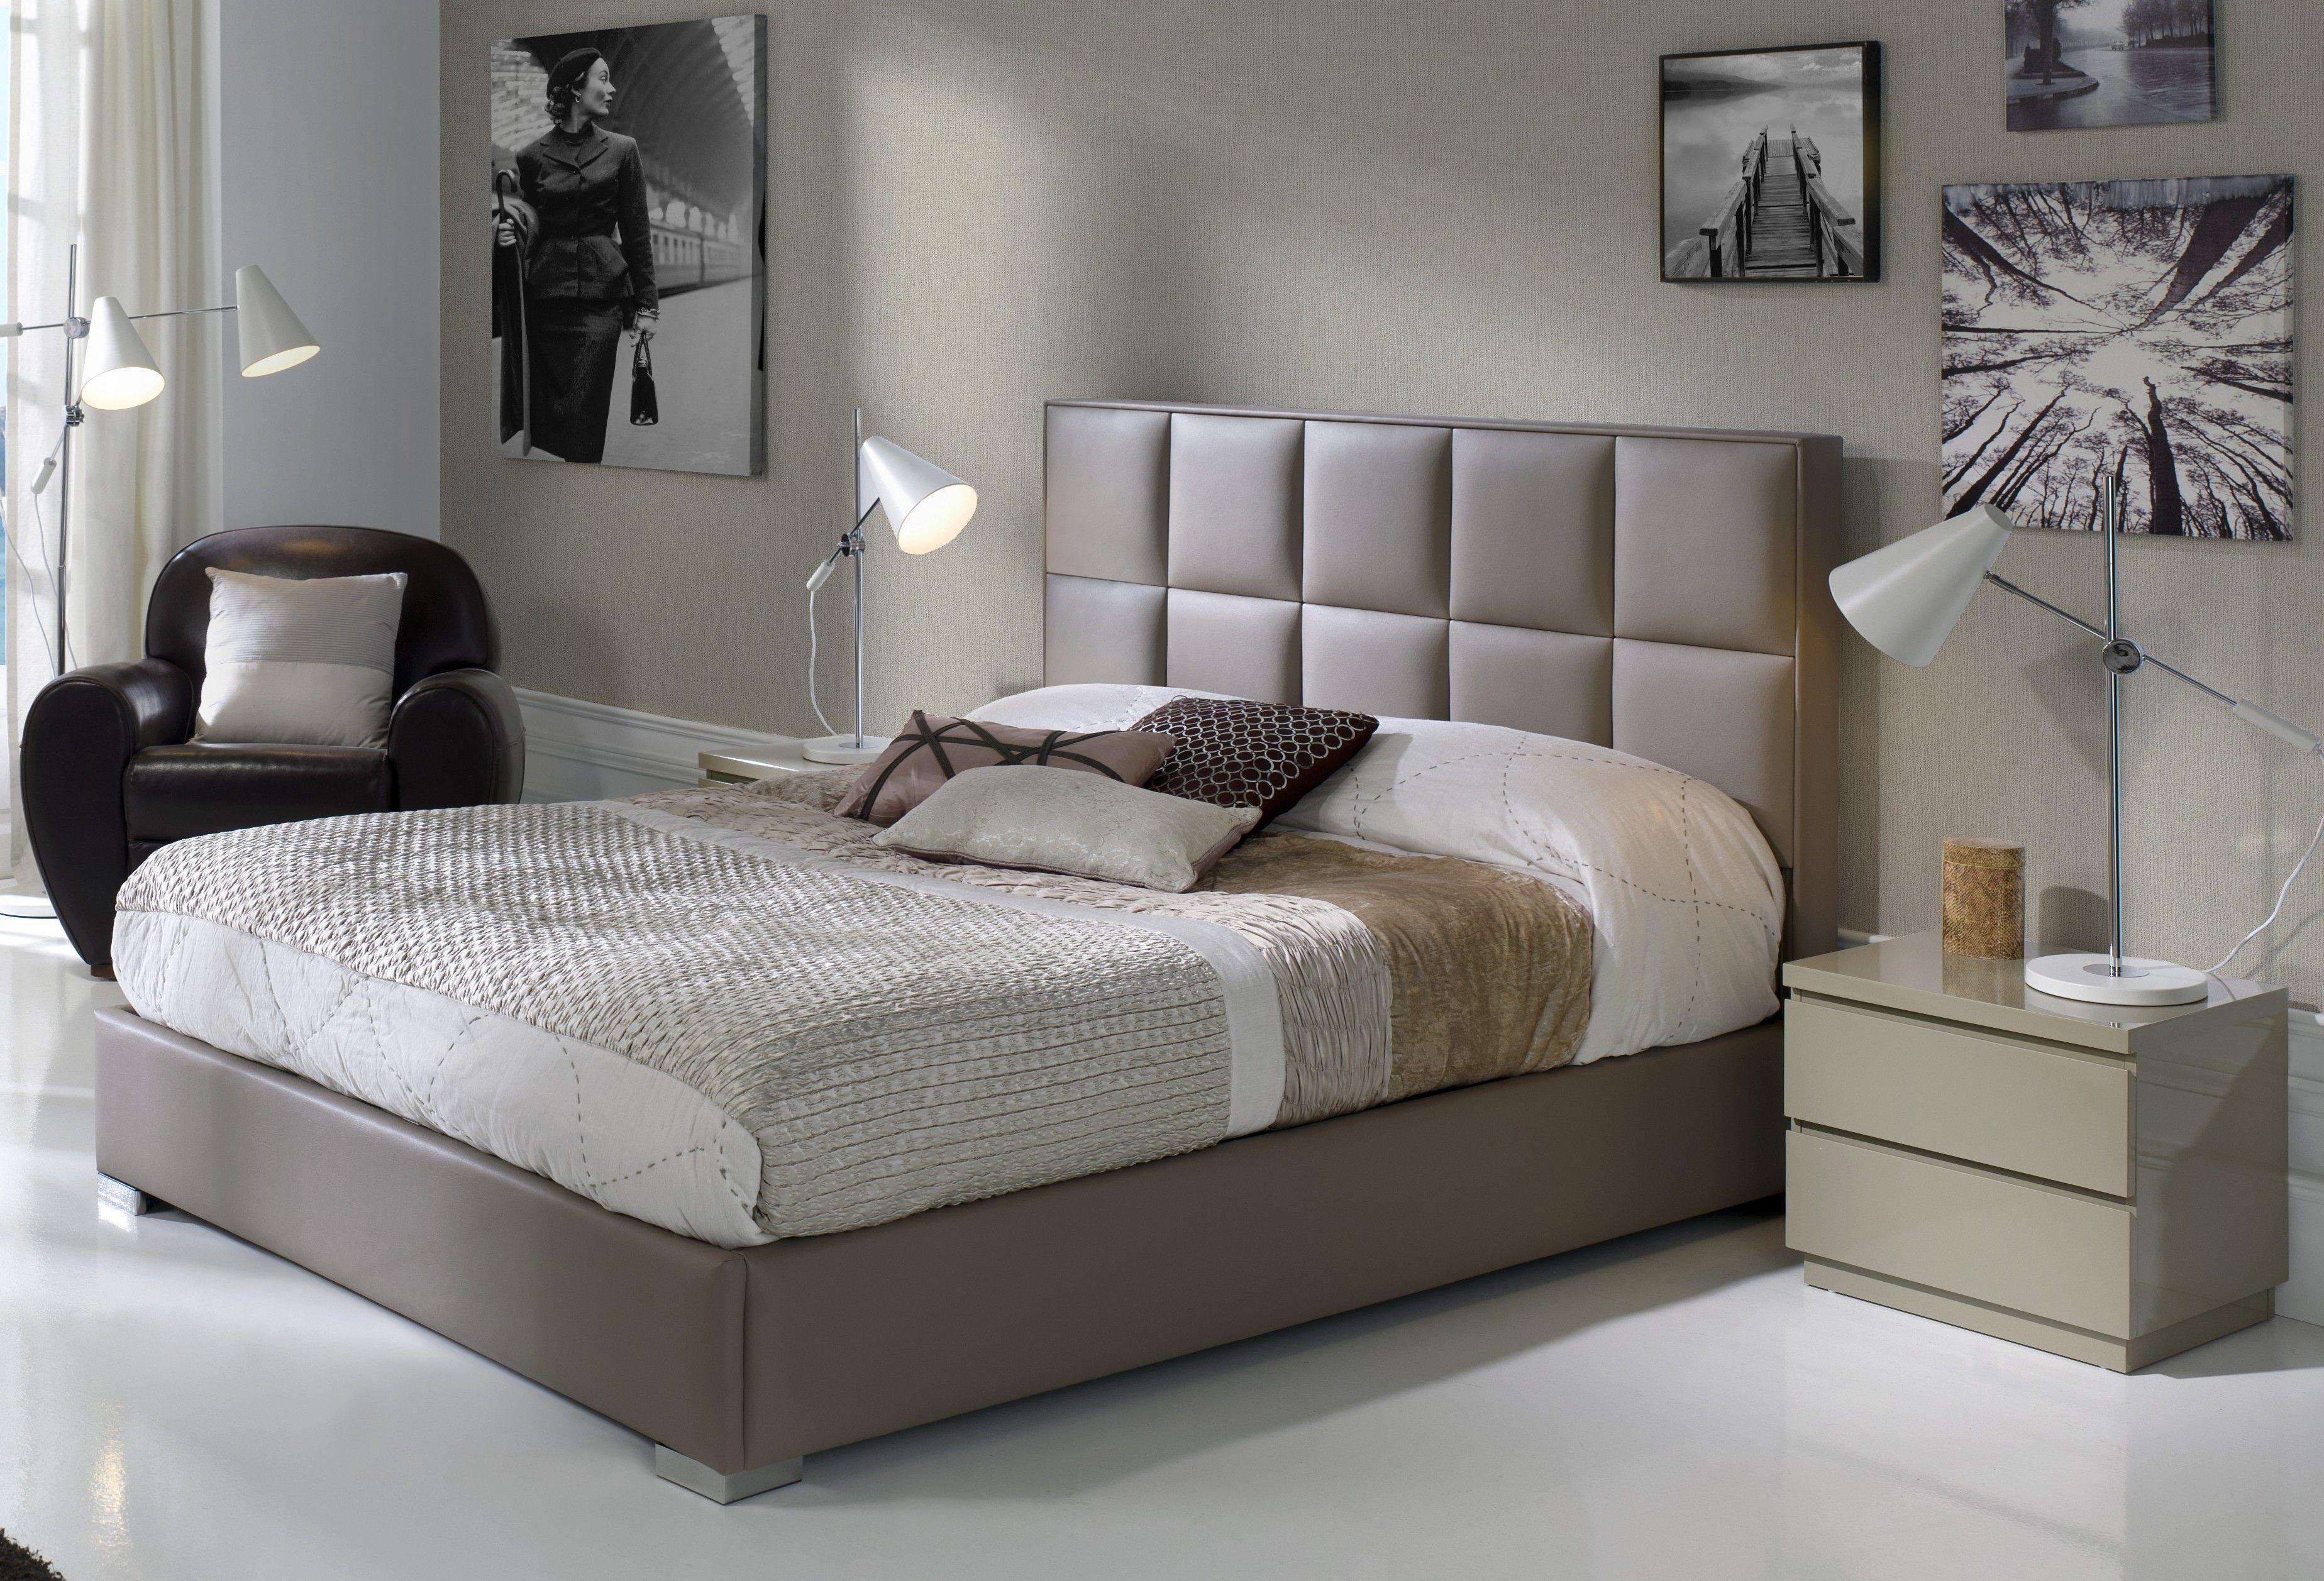 lit queen size avec tete de lit tete de lit recouverte de simili cuir